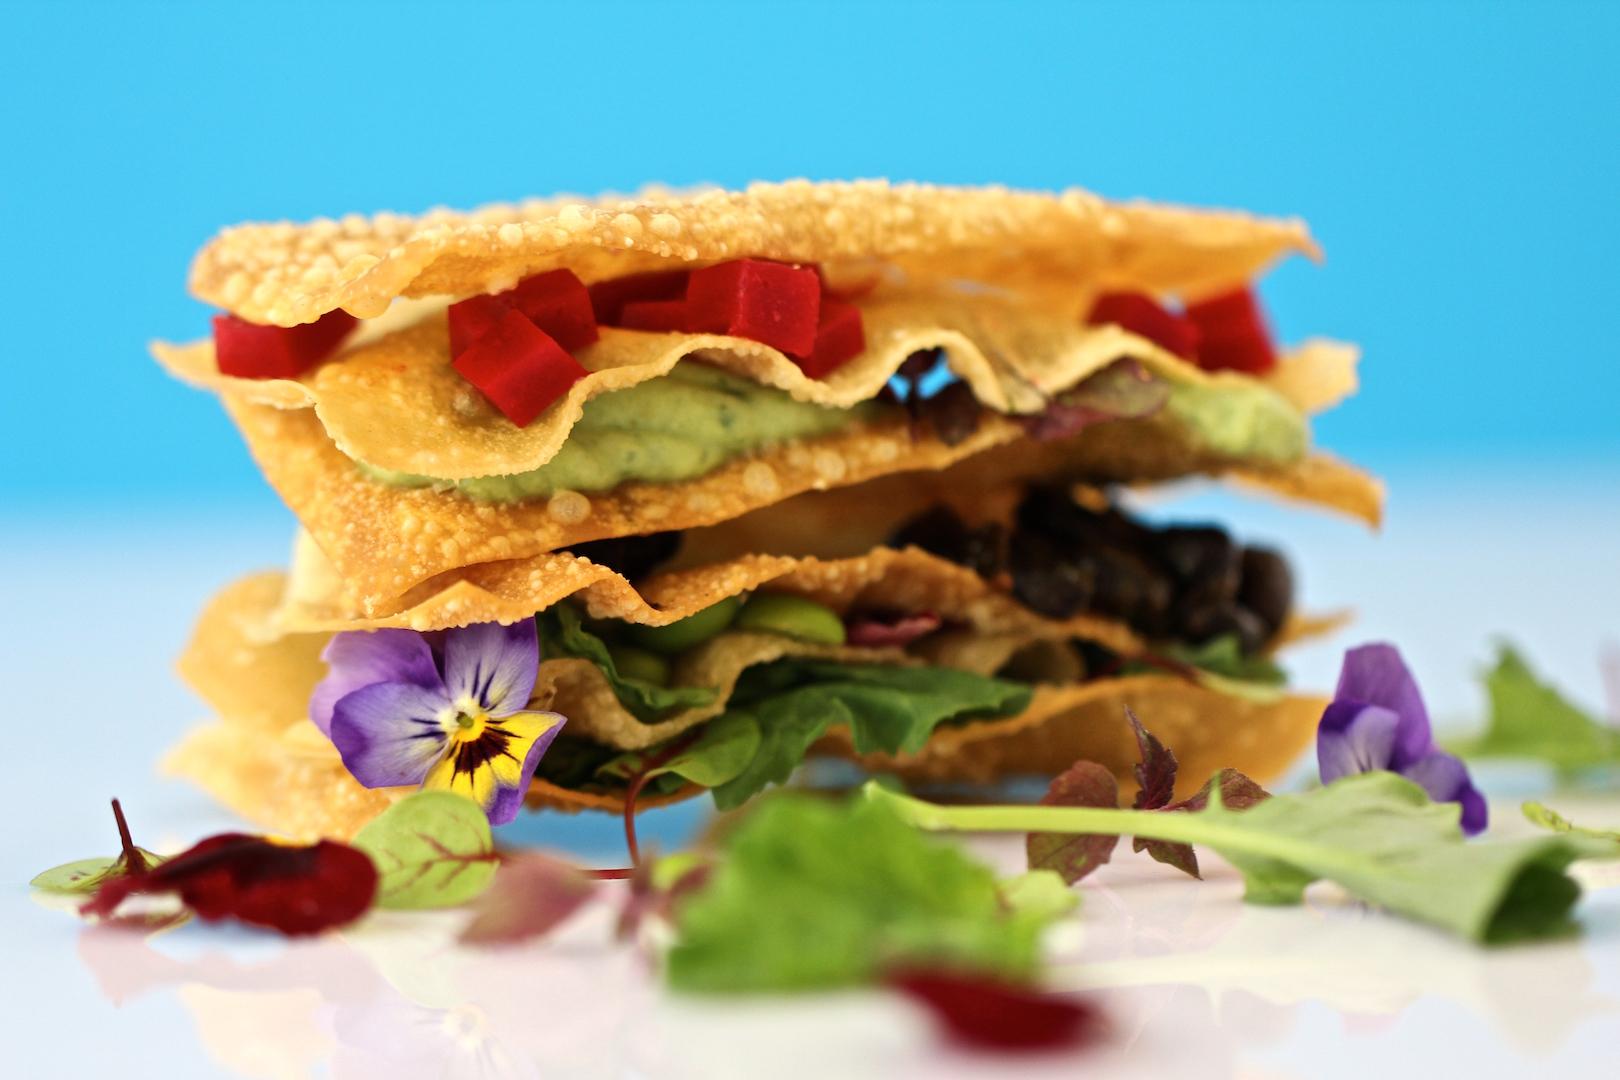 biologisch restaurant amsterdam de culinaire werkplaats duurzaam uit eten vegetarisch restaurant